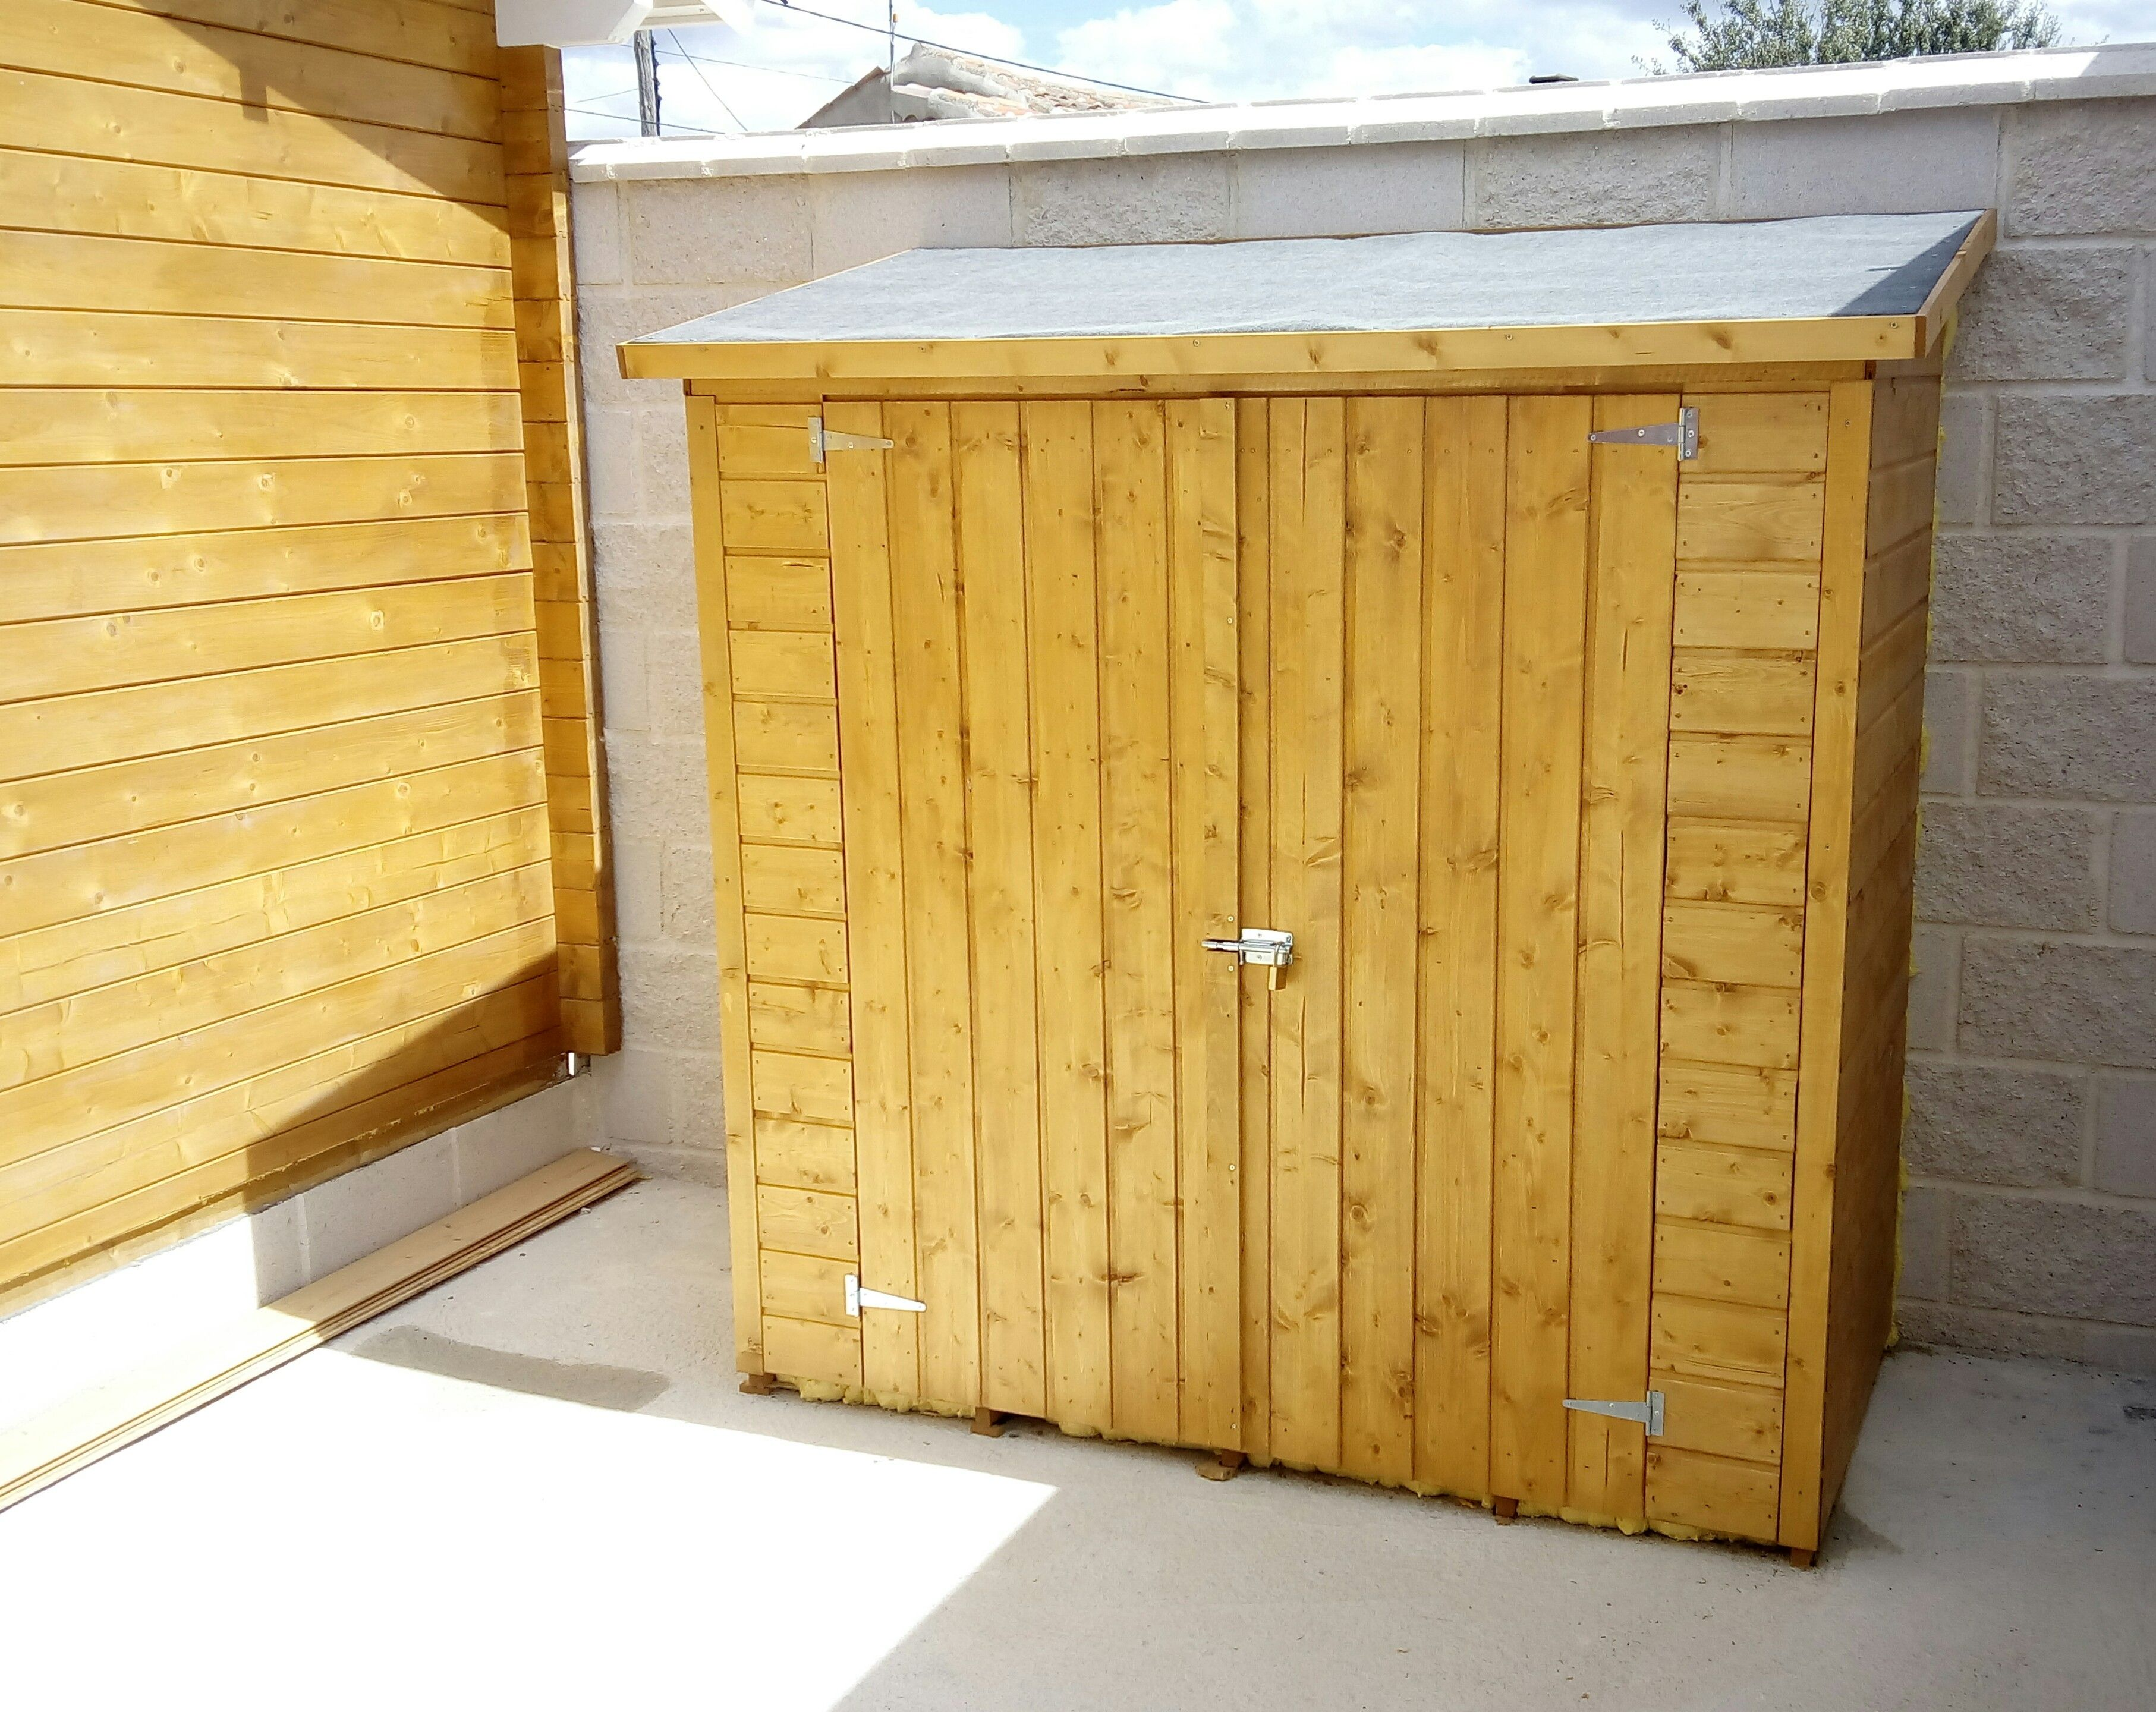 Armario de madera para terraza o jard n armario o arc n de madera amplio funcional y de f cil - Armario para jardin ...